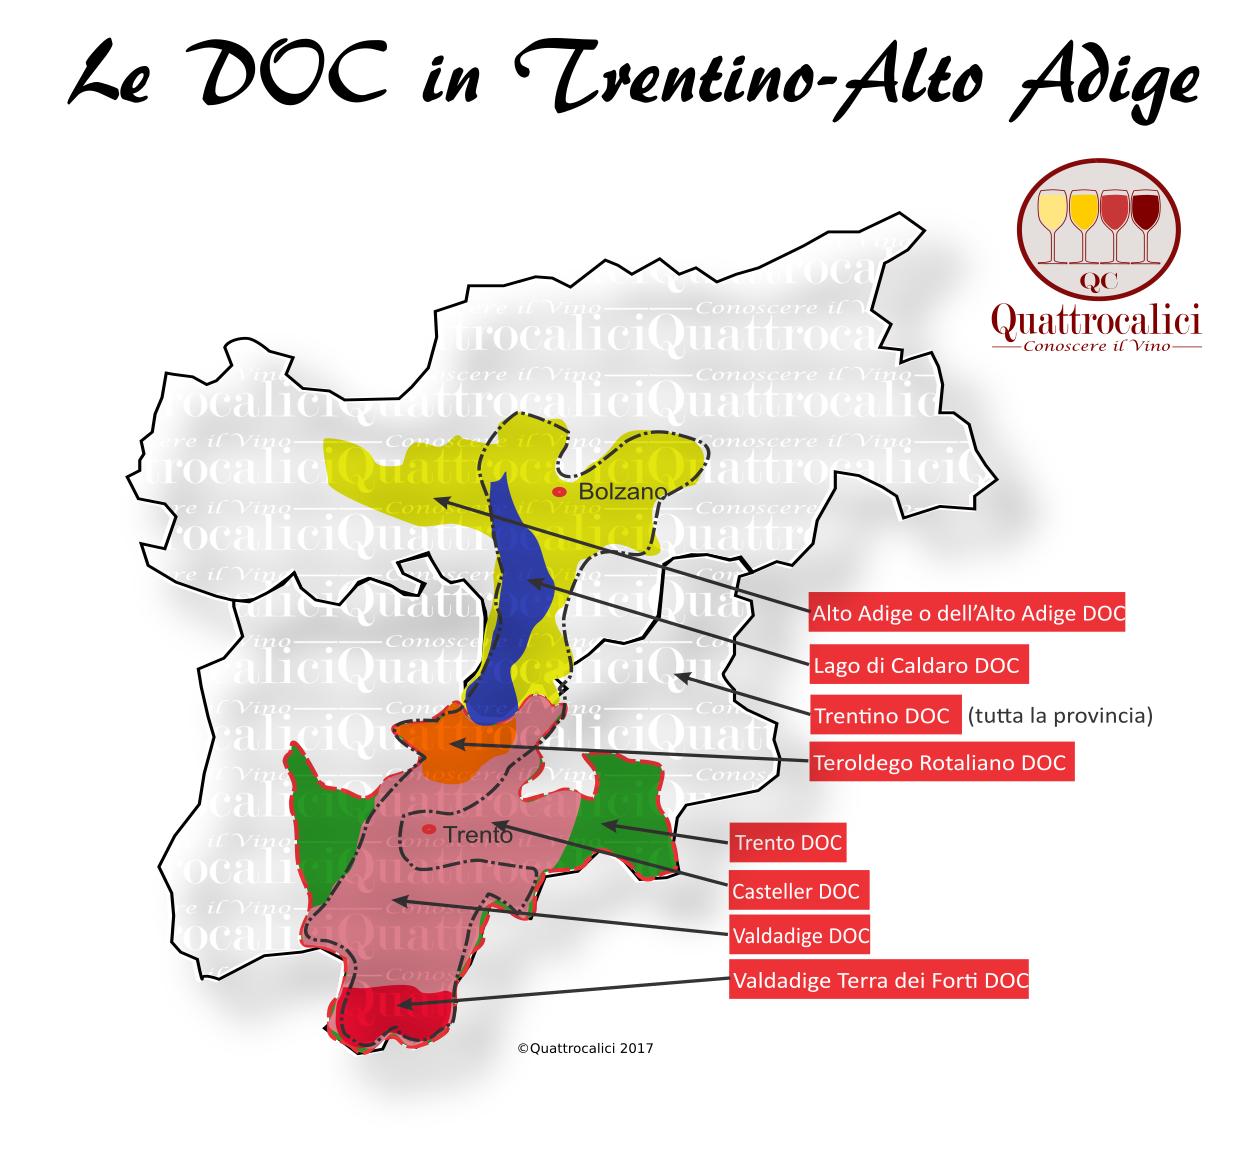 Mappa Denominzioni DOC Trentino-Alto Adige